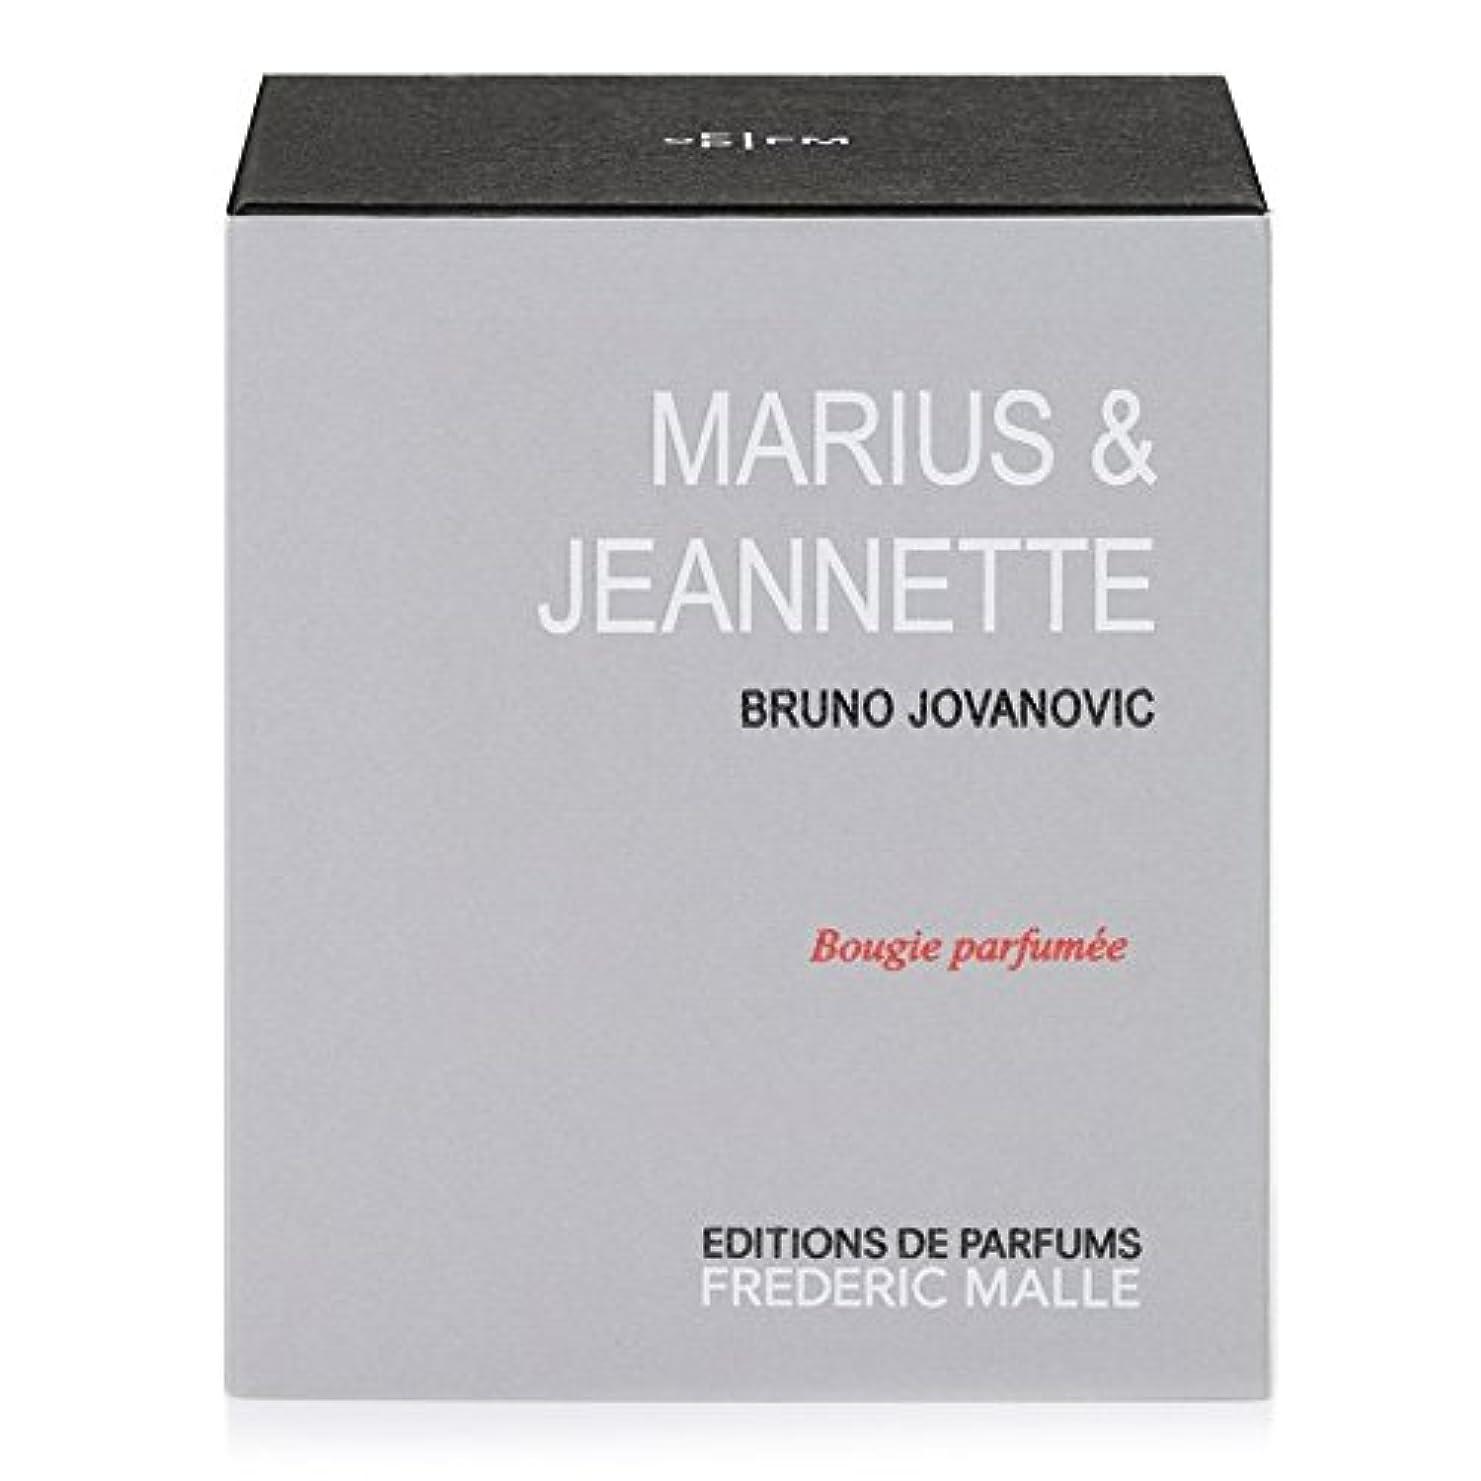 気難しい時系列見物人フレデリック?マル とジャネット?香りのキャンドル x6 - Frederic Malle Maruis and Jeanette Scented Candle (Pack of 6) [並行輸入品]